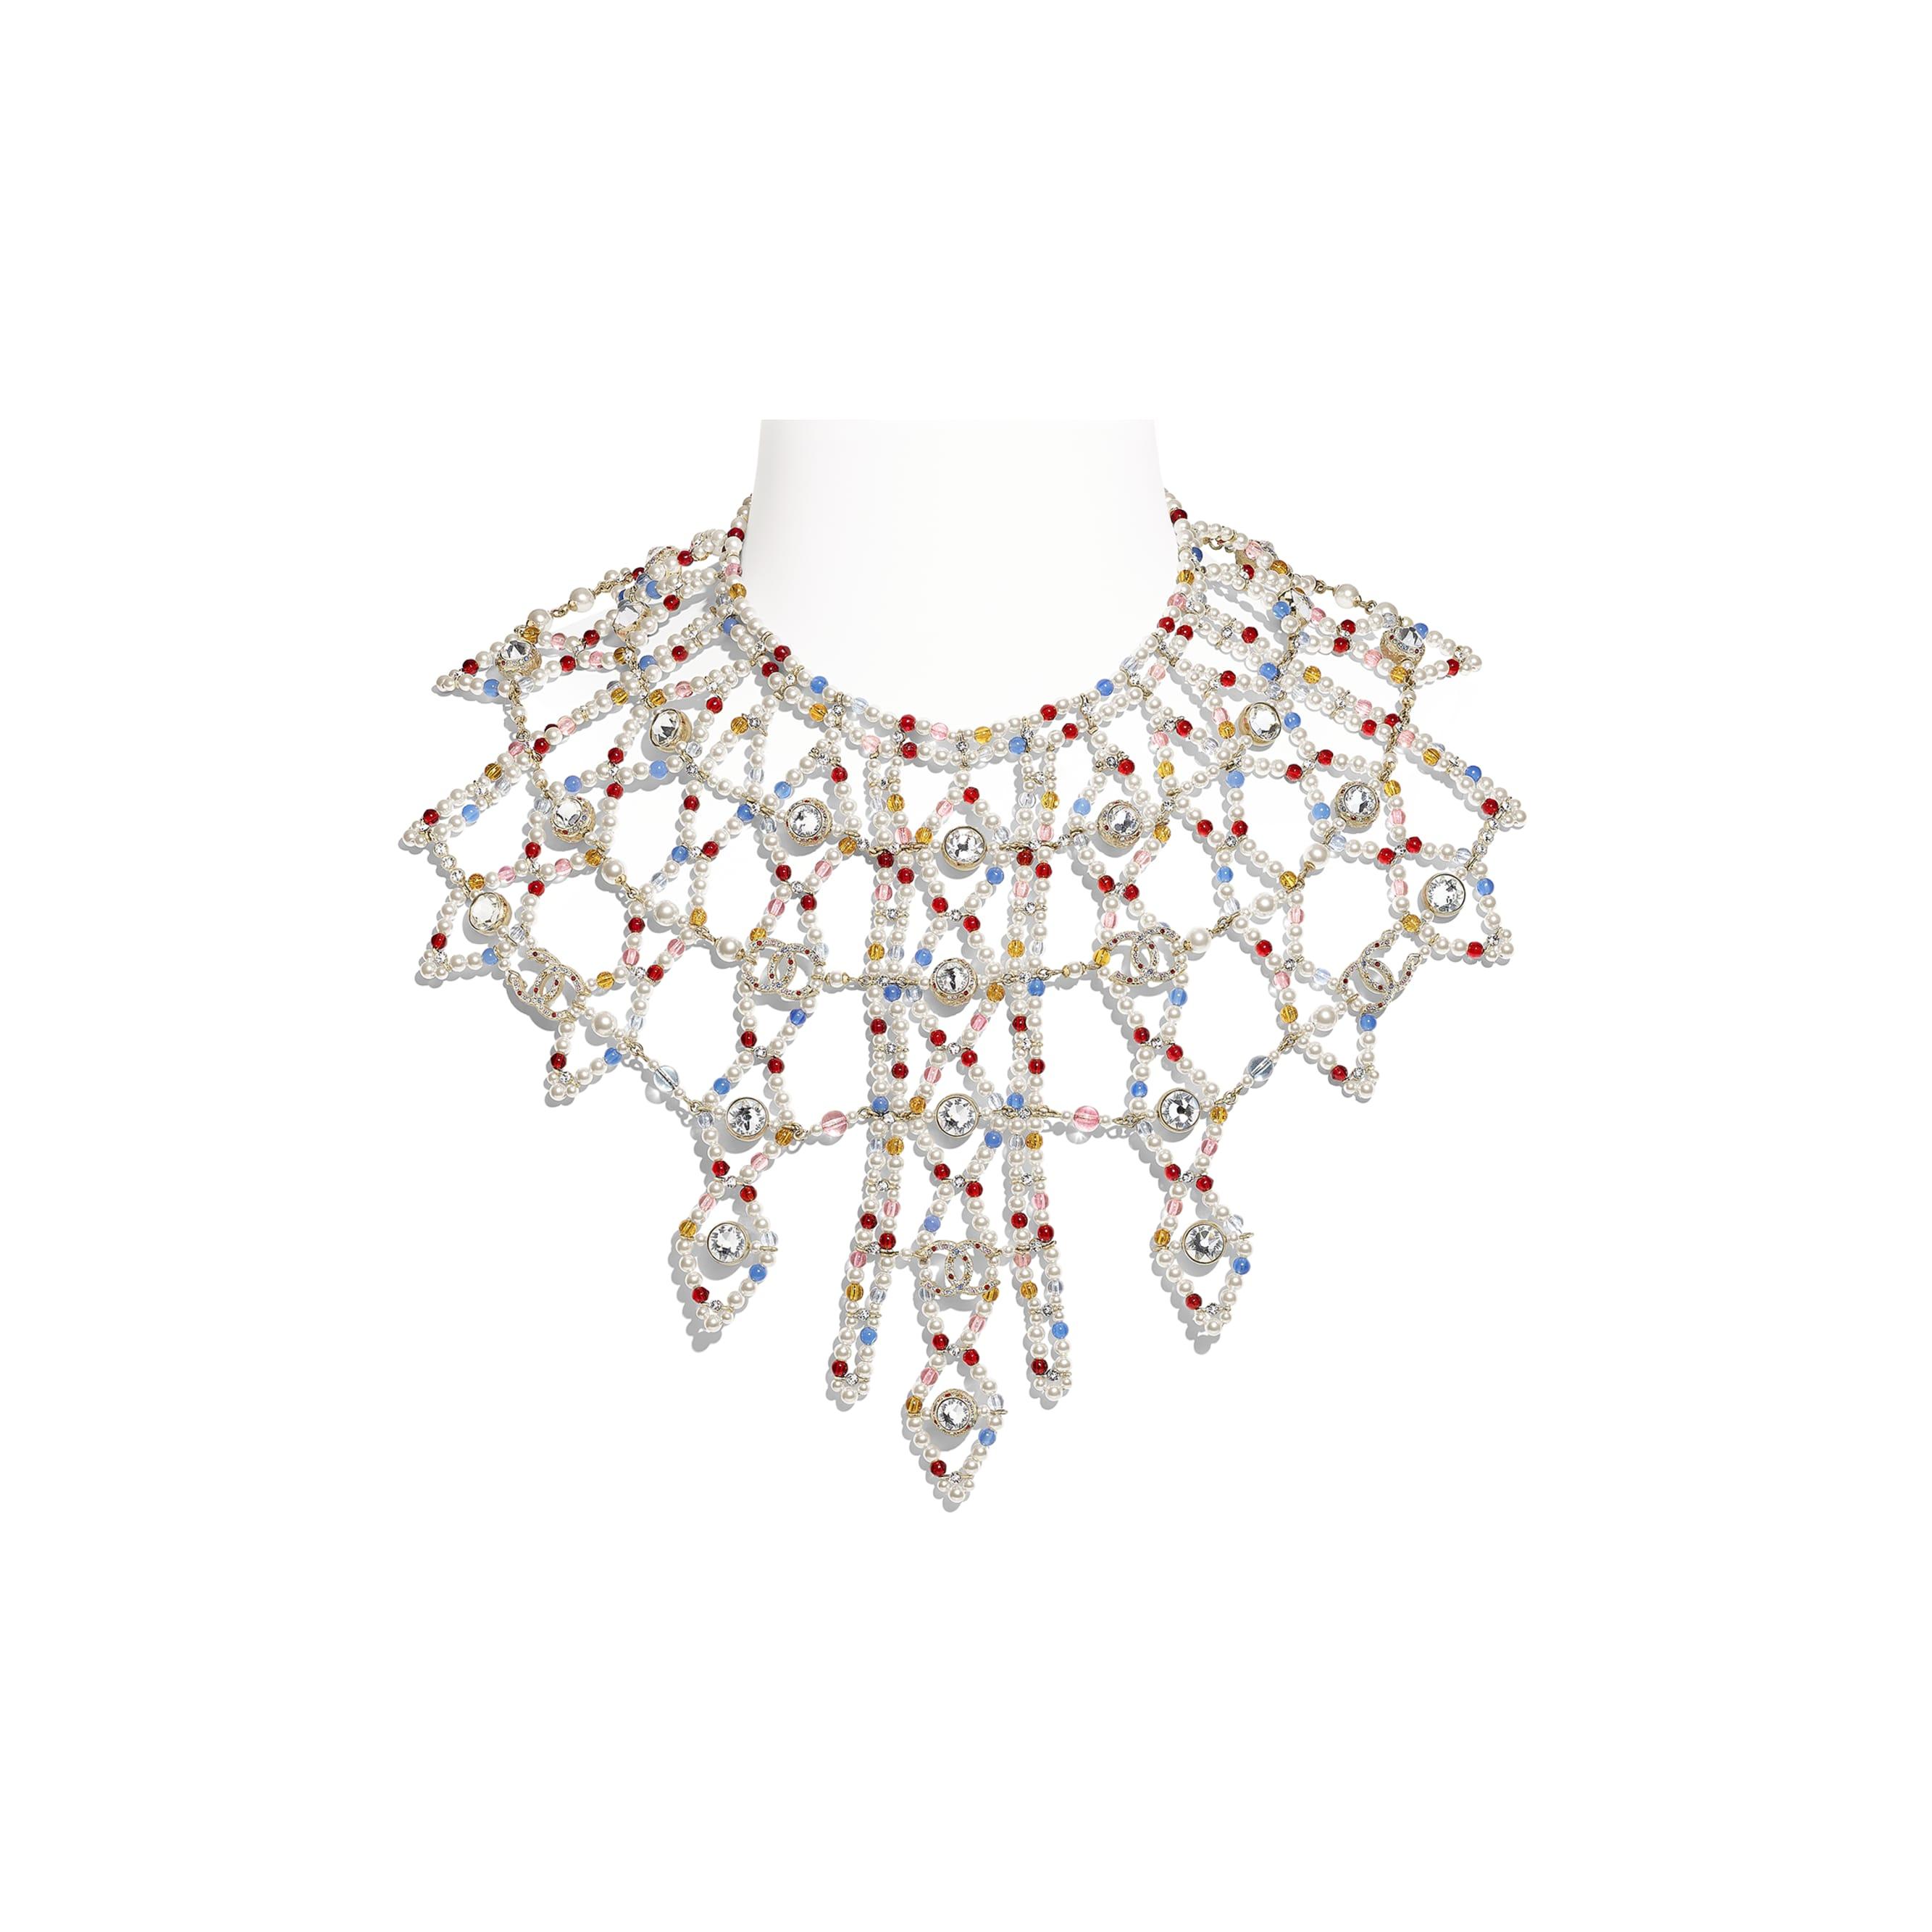 Halskette - Goldfarben, mehrfarbig, Perlmuttweiß & Kristall - Metall, Natursteine, Glasperlen & Strass - Standardansicht - Standardgröße anzeigen